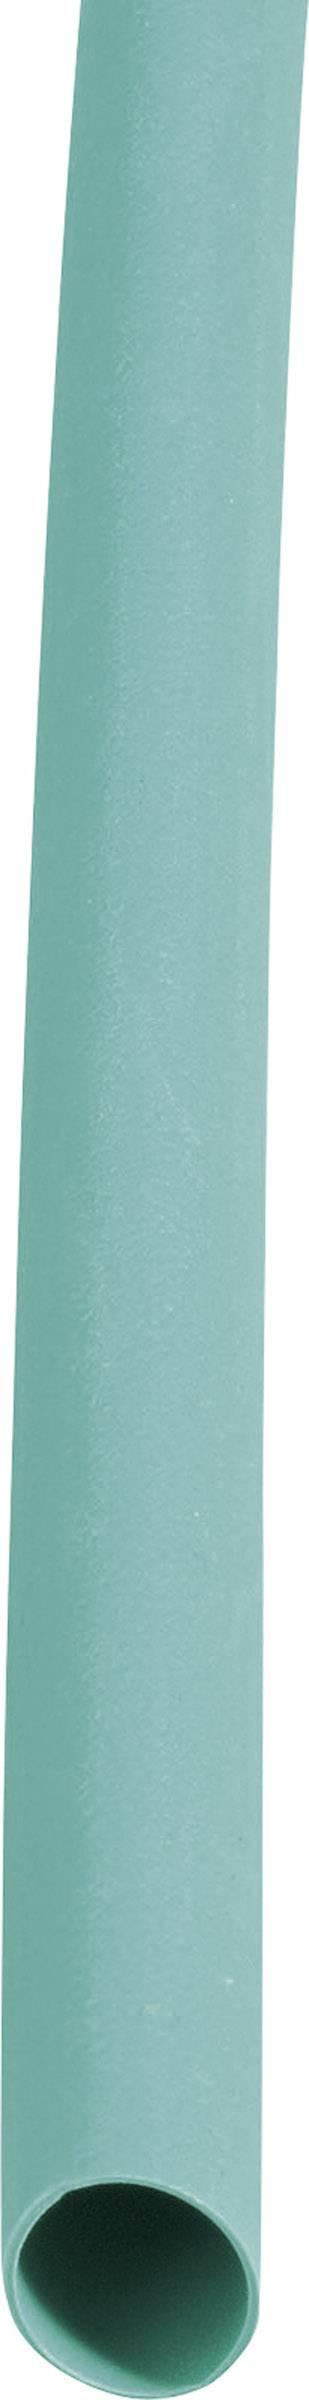 Sada zmršťovacých bužírok DSG Canusa 2810127602CO, 2:1, 6.40 mm /12.80 mm, zelená, 1 sada